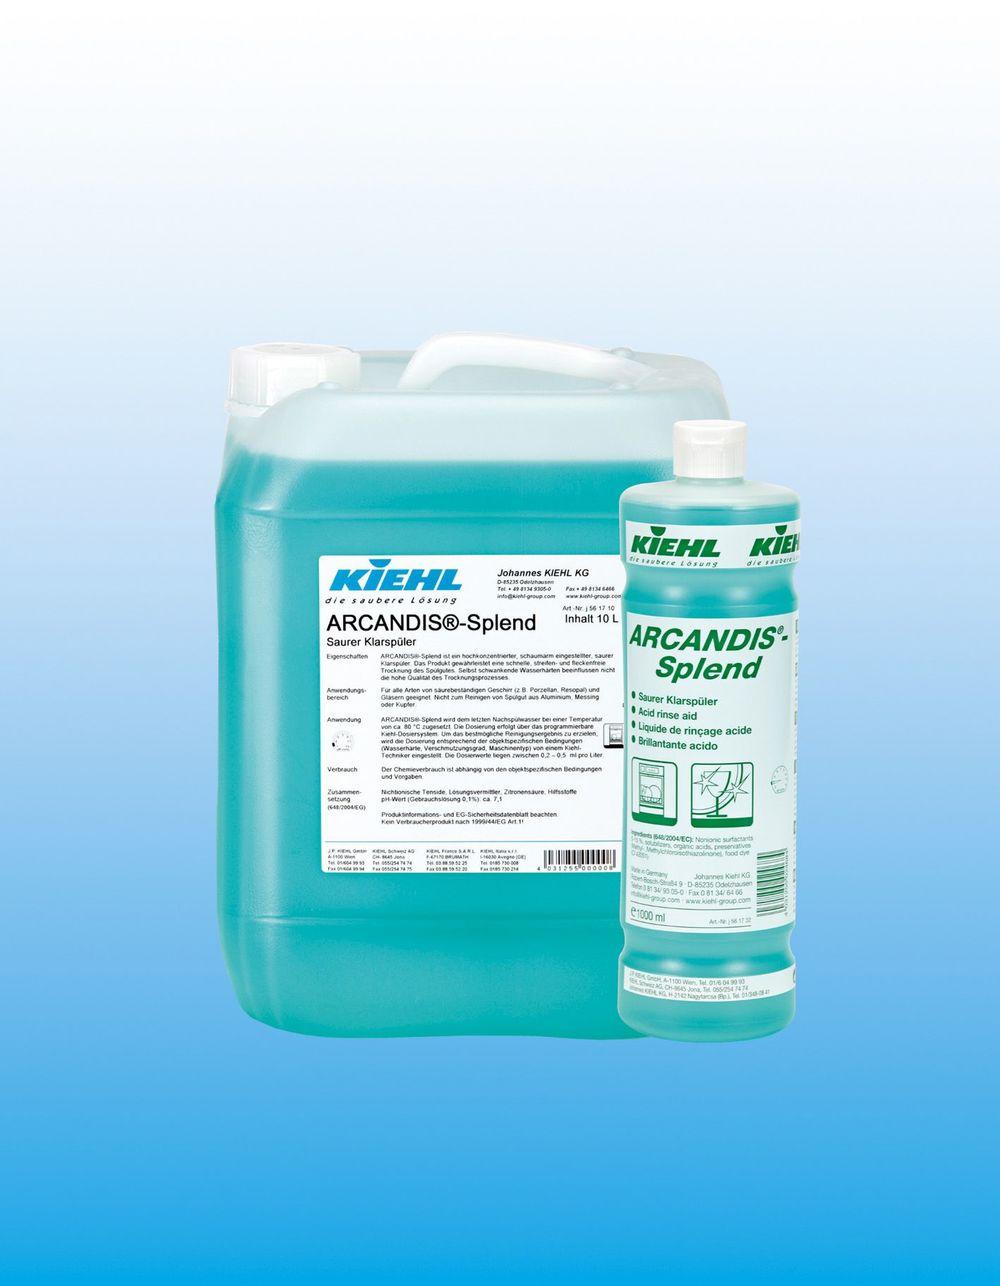 Arcandis Splend                                Miljømerket, maskinoppvask          ARCANDIS®-splend er et miljøvennlig konsentrert, surt skyllemiddel for kommersielle oppvask-maskiner. Produktet gir utmerket tørke-ytelse og etterlater oppvask stripefritt og skinnende rent.